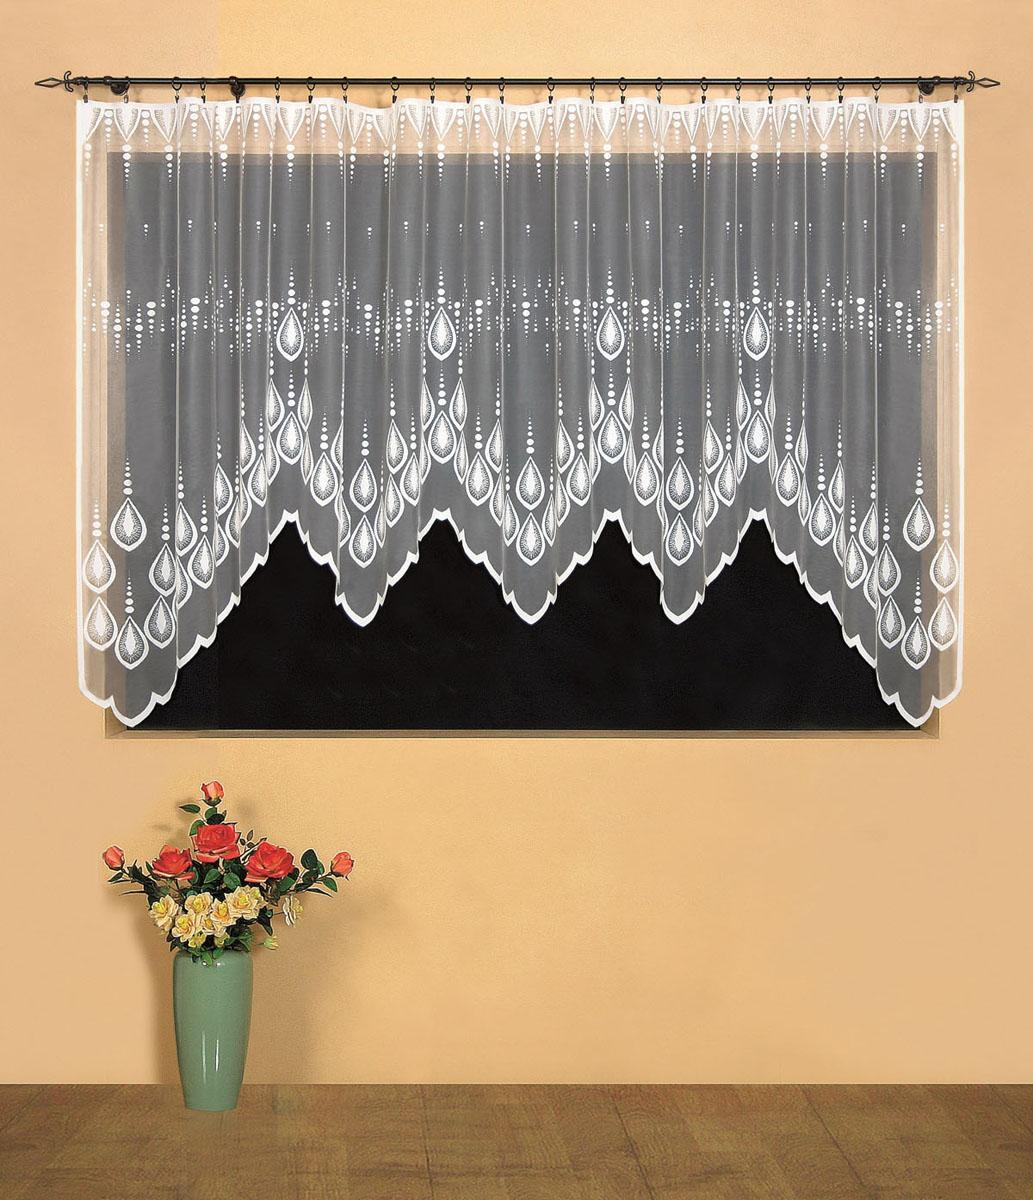 Гардина Wisan, цвет: белый, высота 160 см. 95199519Гардина Wisan, выполненная из легкого полиэстера, станет великолепным украшением окна в спальне или гостиной. Качественный материал, тонкое плетение и оригинальный дизайн привлекут к себе внимание и позволят гардине органично вписаться в интерьер помещения.Вид крепления - под зажимы для штор.